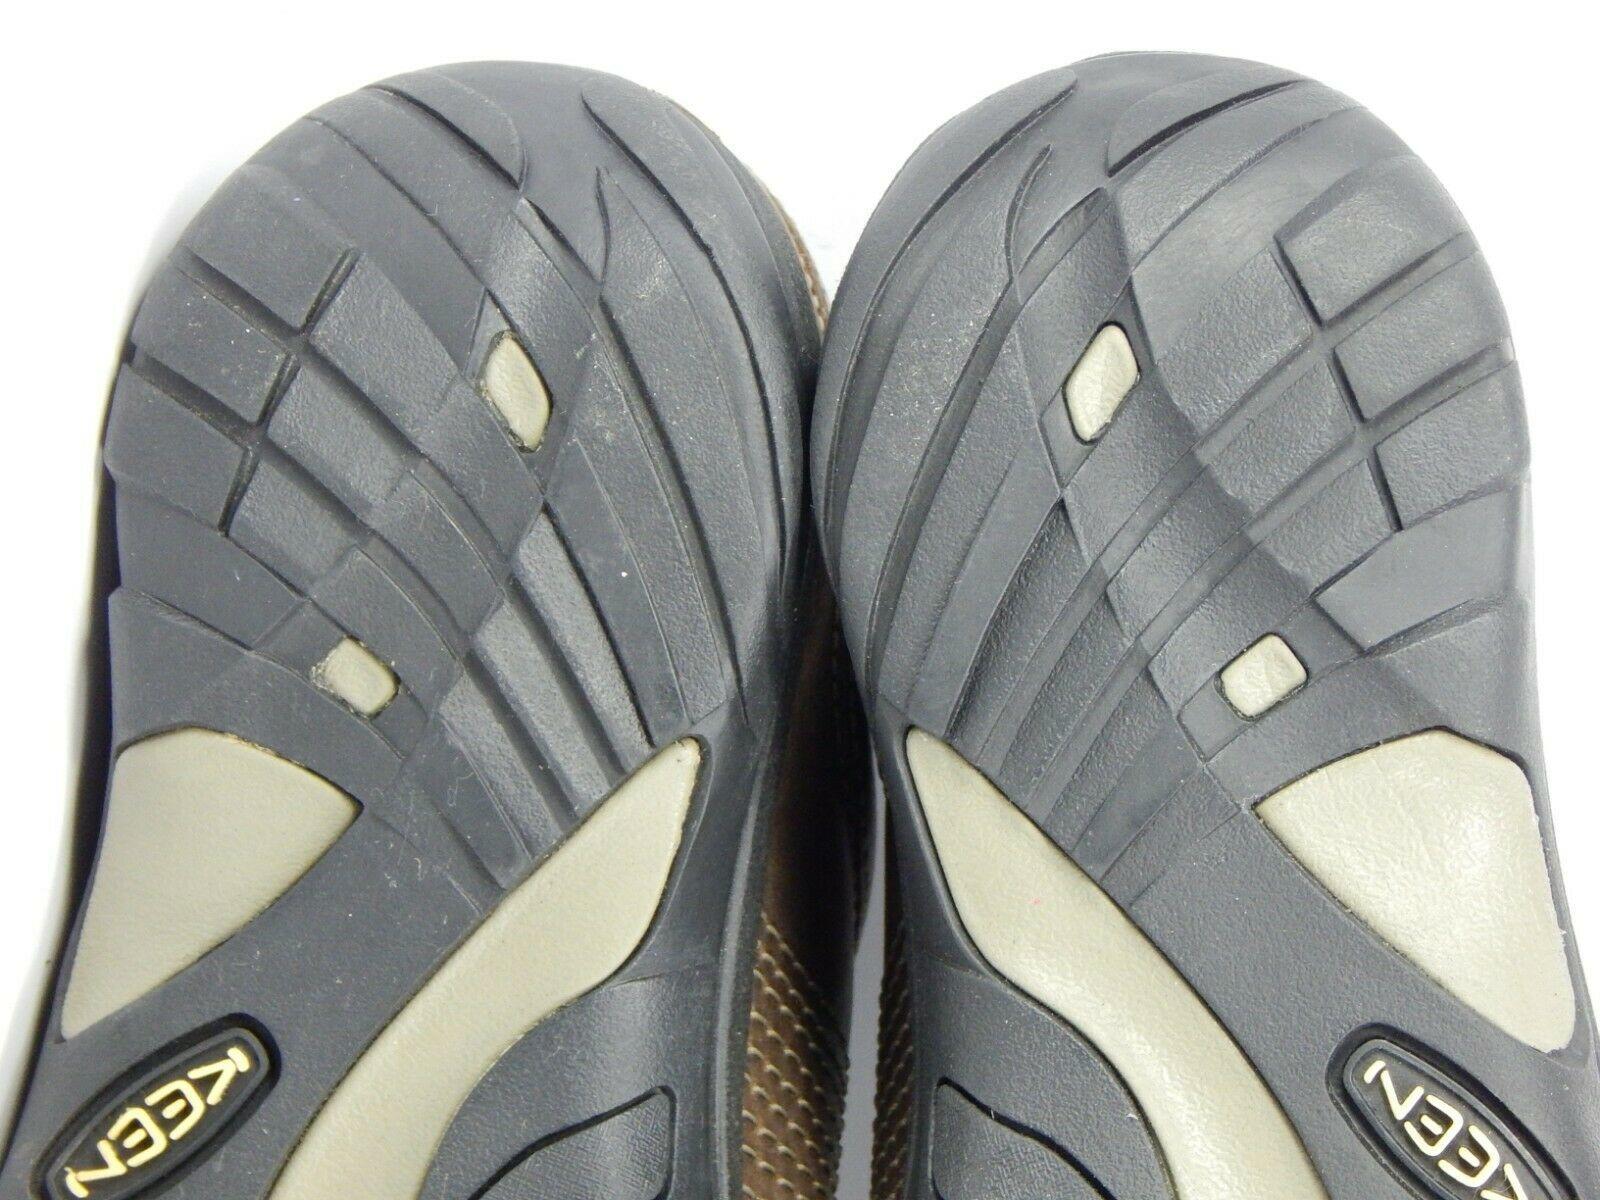 Keen Austin Size US 8.5 M (D) EU 41 Men's Lace Up Oxford Casual Shoes 1002990